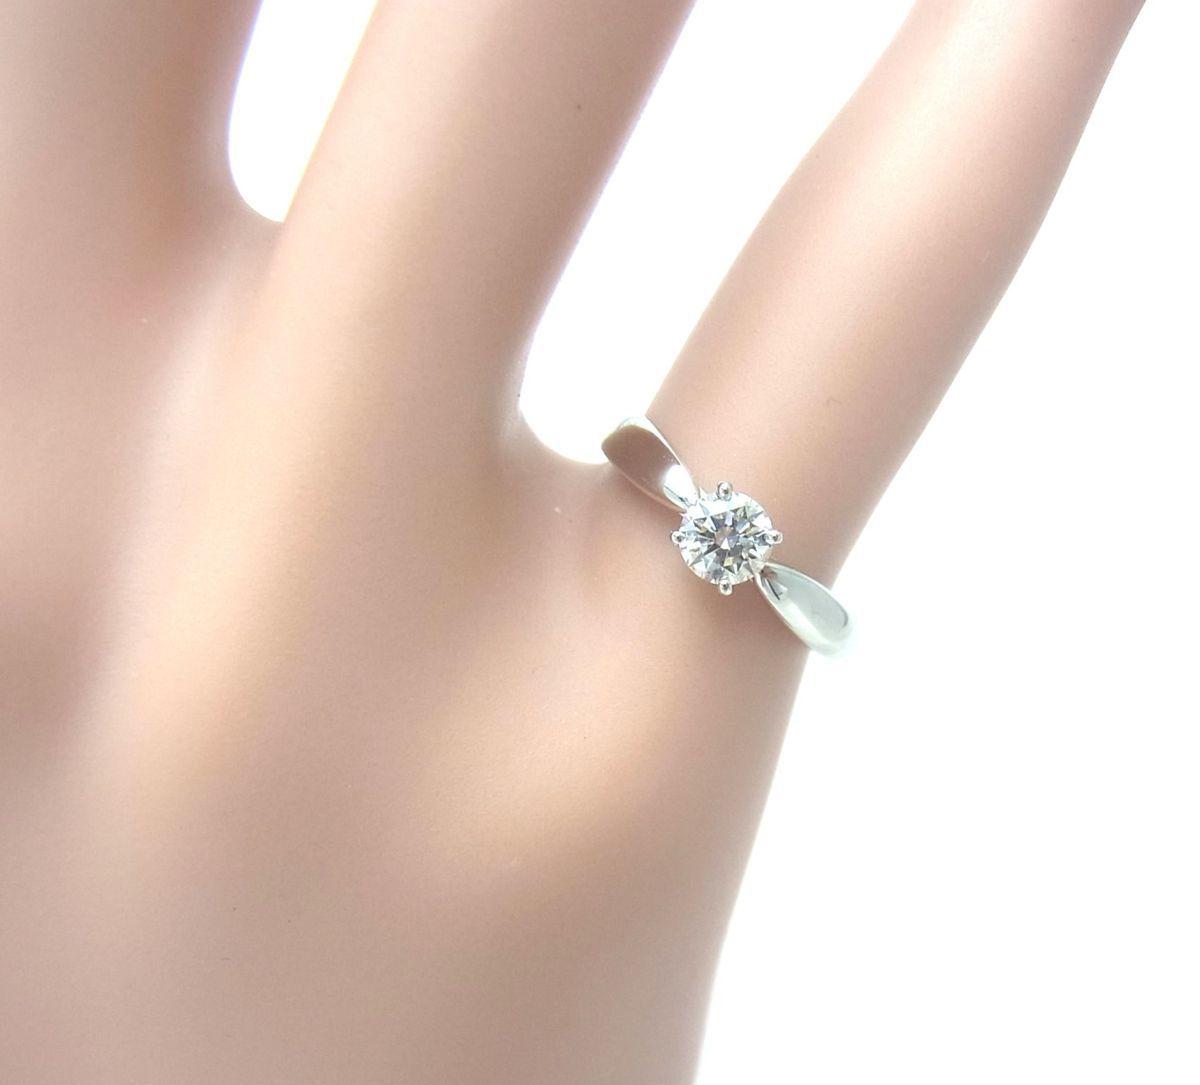 送料込みの即決価格!ティファニー 天然ダイヤモンド0.28ct 上質クラス プラチナ製リング 婚約ダイヤ ブライダル アウトレット 訳あり_画像7